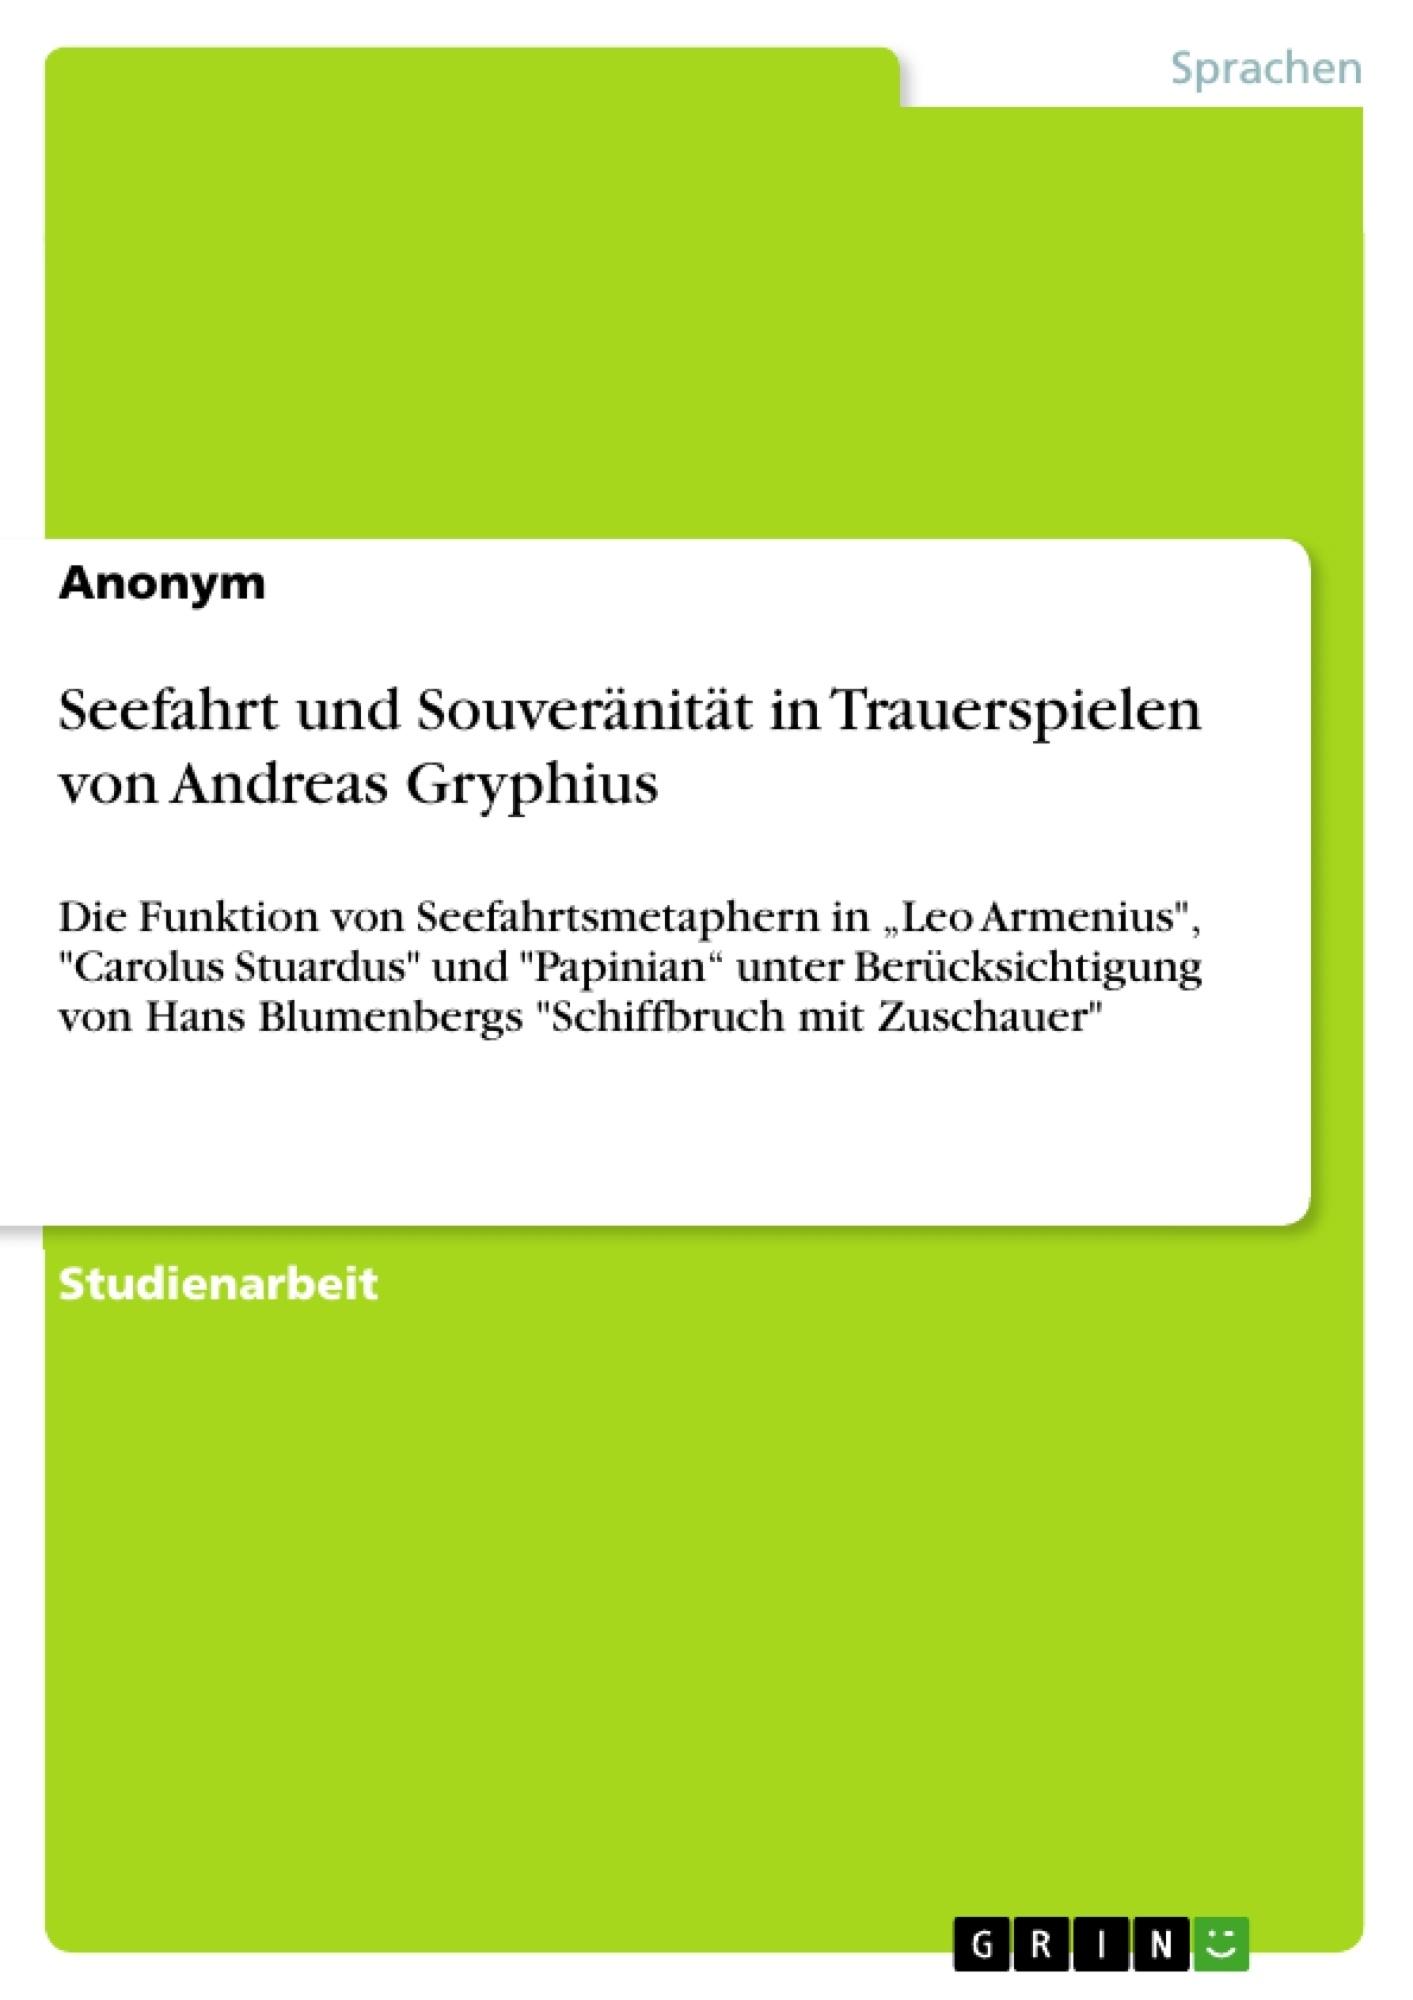 Titel: Seefahrt und Souveränität in Trauerspielen von Andreas Gryphius